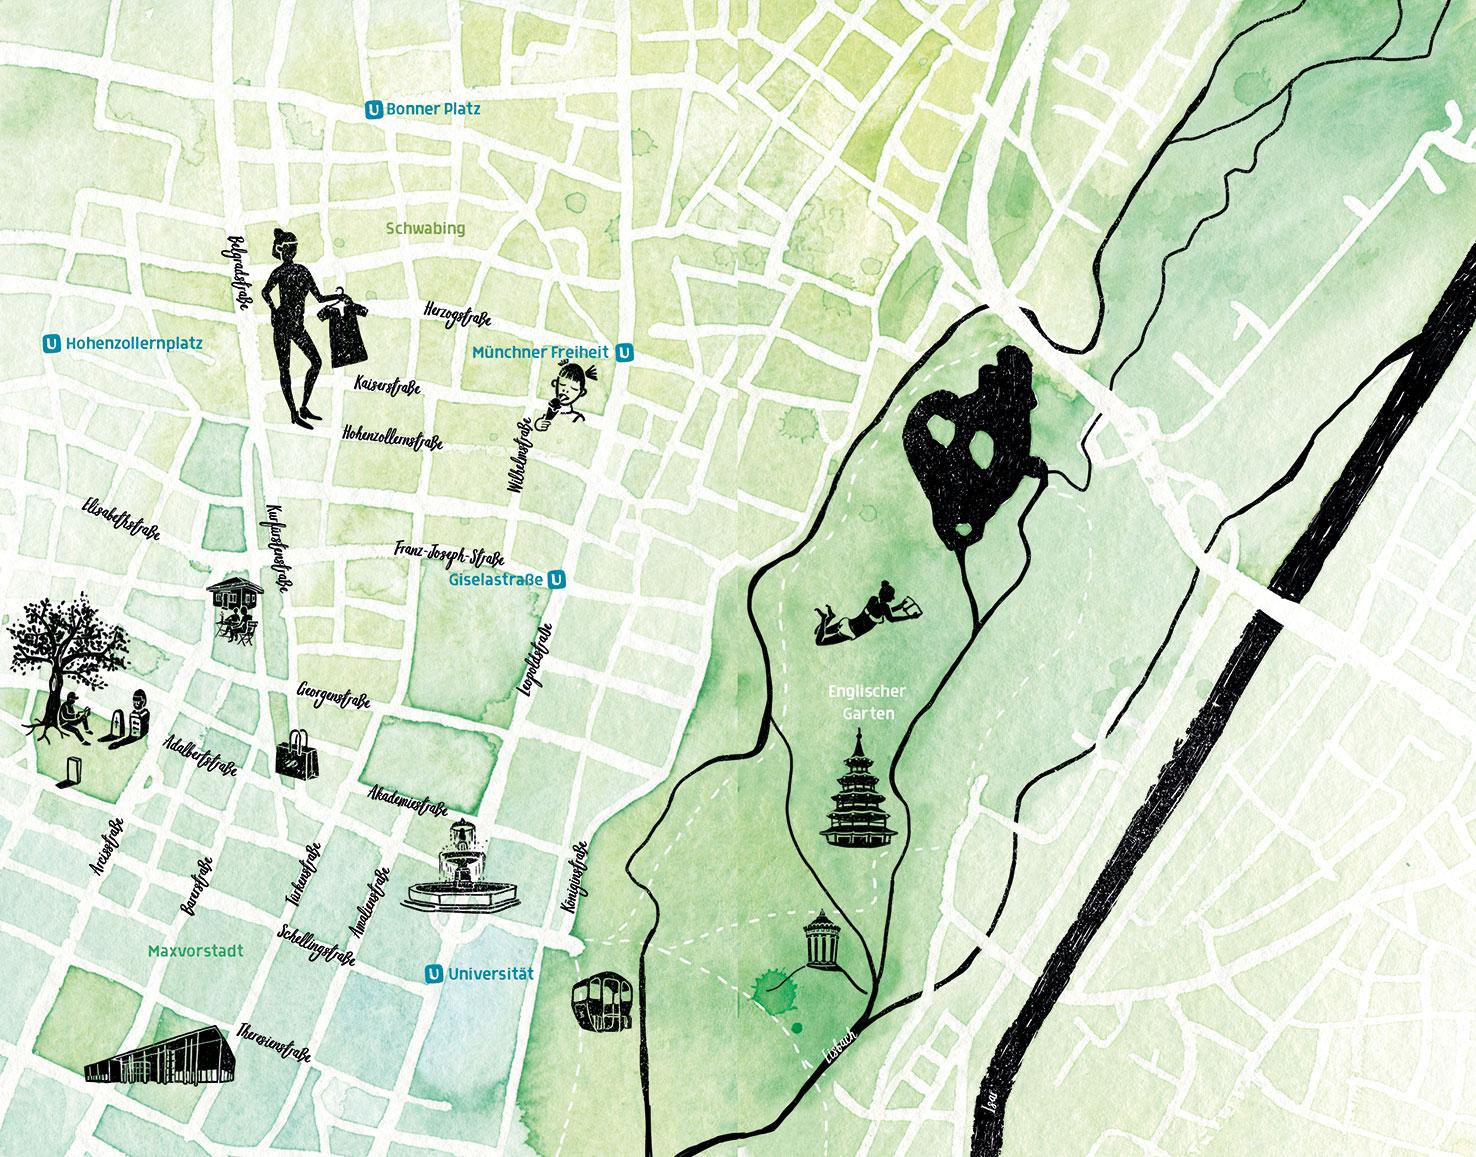 Stadtplan Schwabing